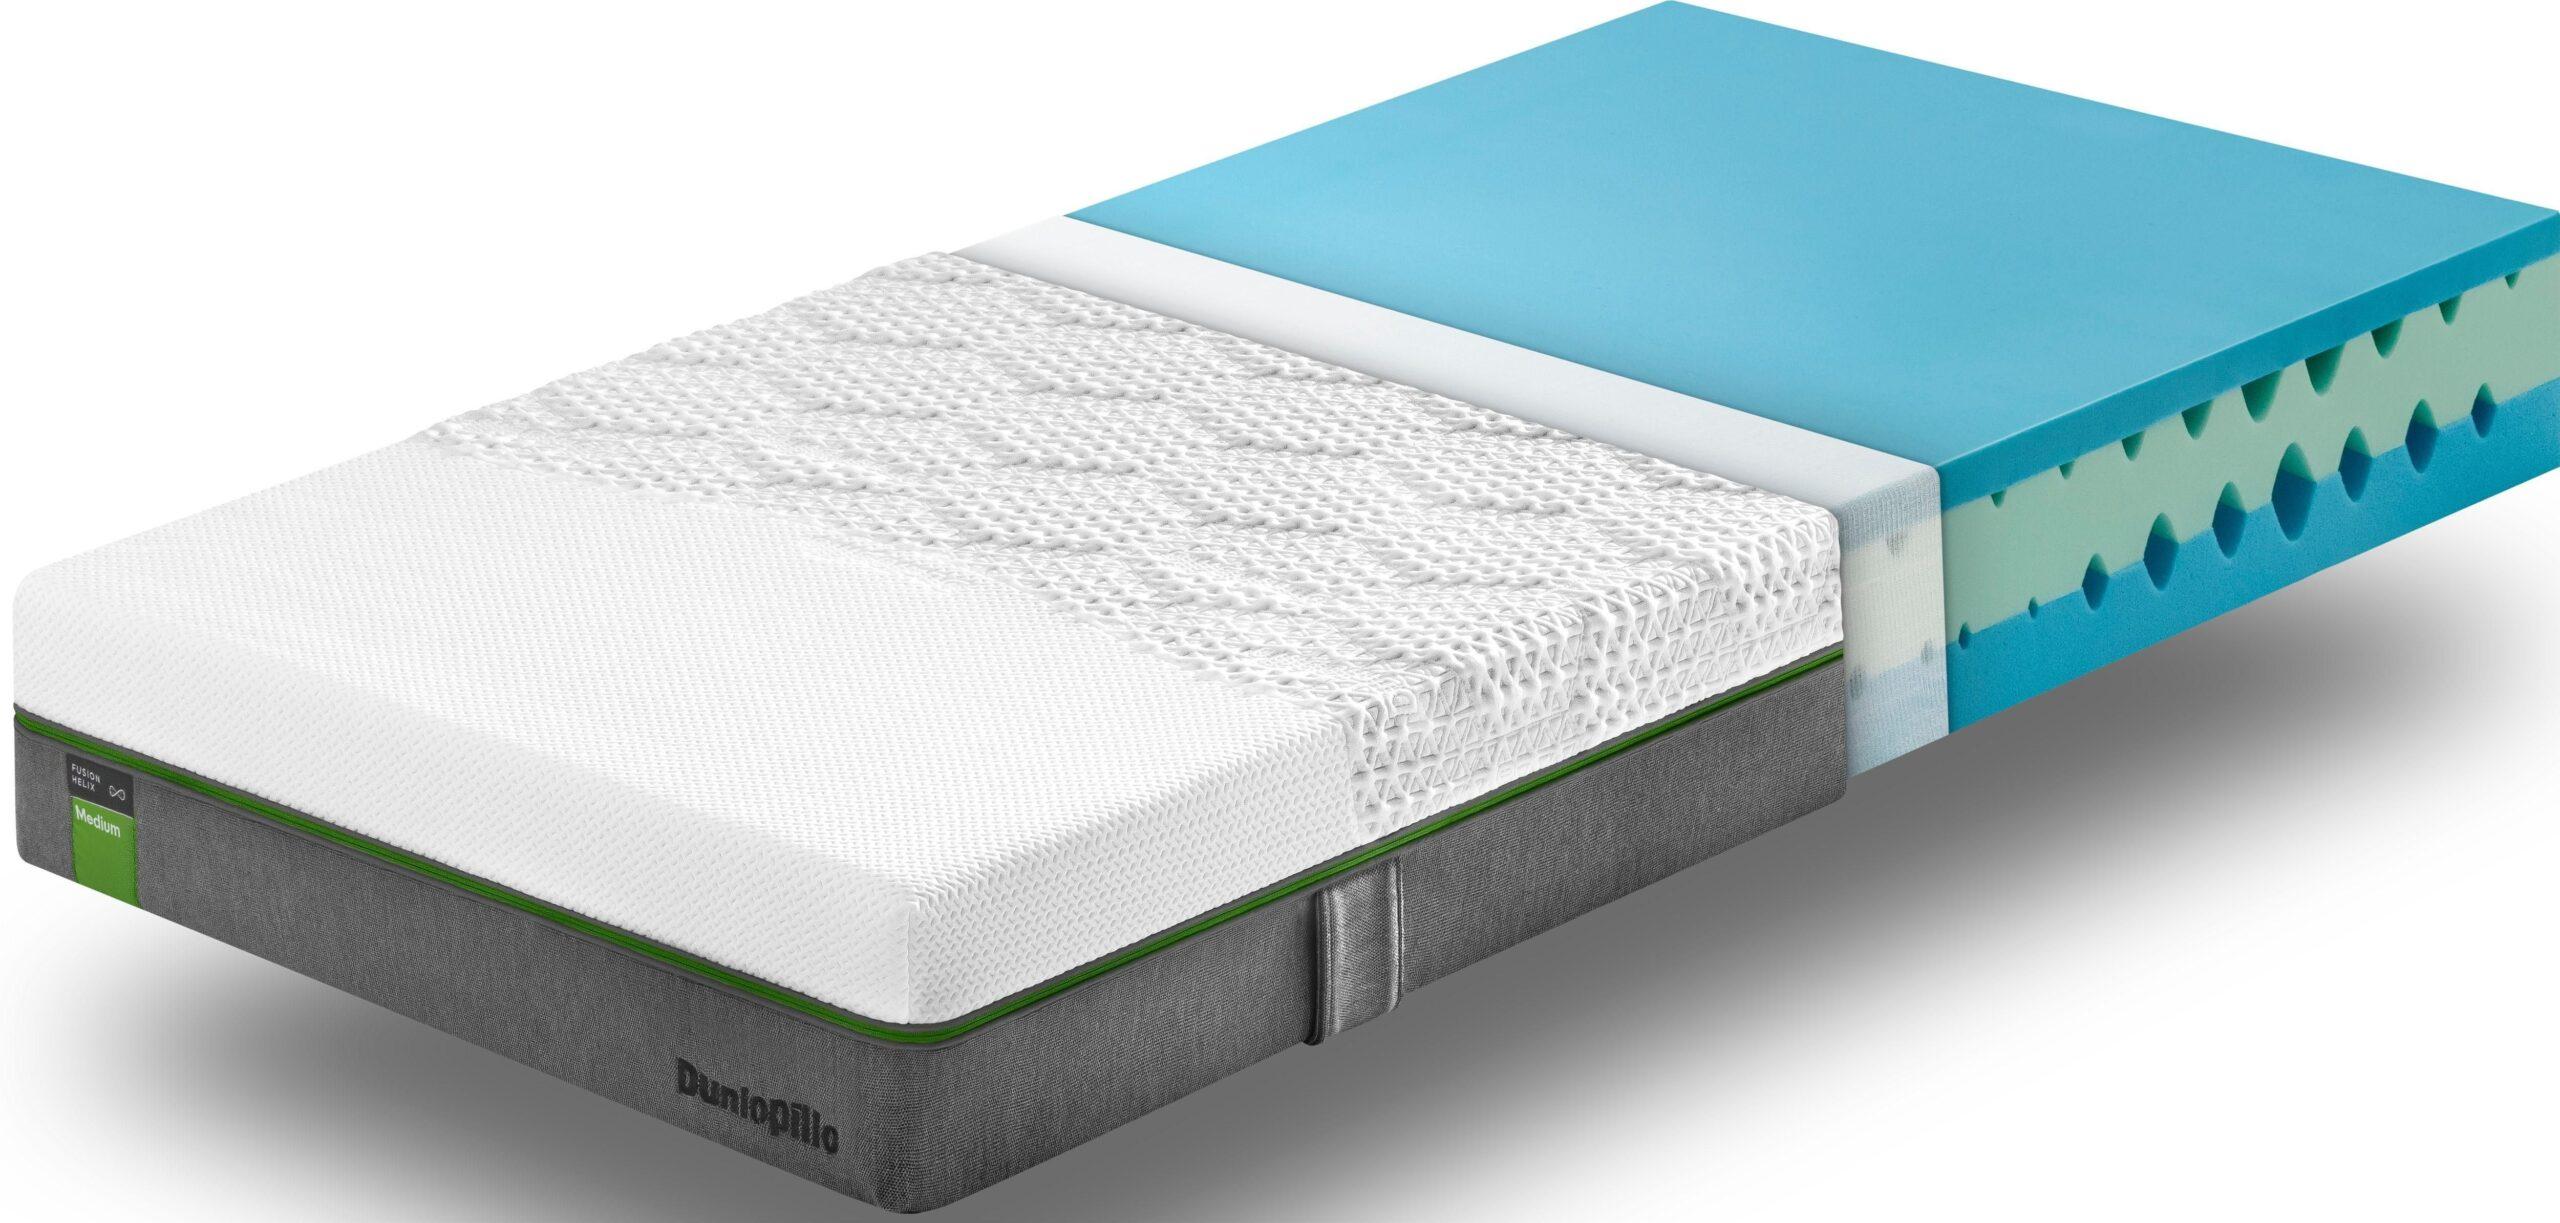 Full Size of Tempur Bett Komplett Kaufen Kaltschaummatratze Fusion Helimedium Dunlopillo 23 Cm Hoch Betten Mannheim Tagesdecke Französische Kleinkind Nolte Wand Wohnzimmer Tempur Bett Komplett Kaufen